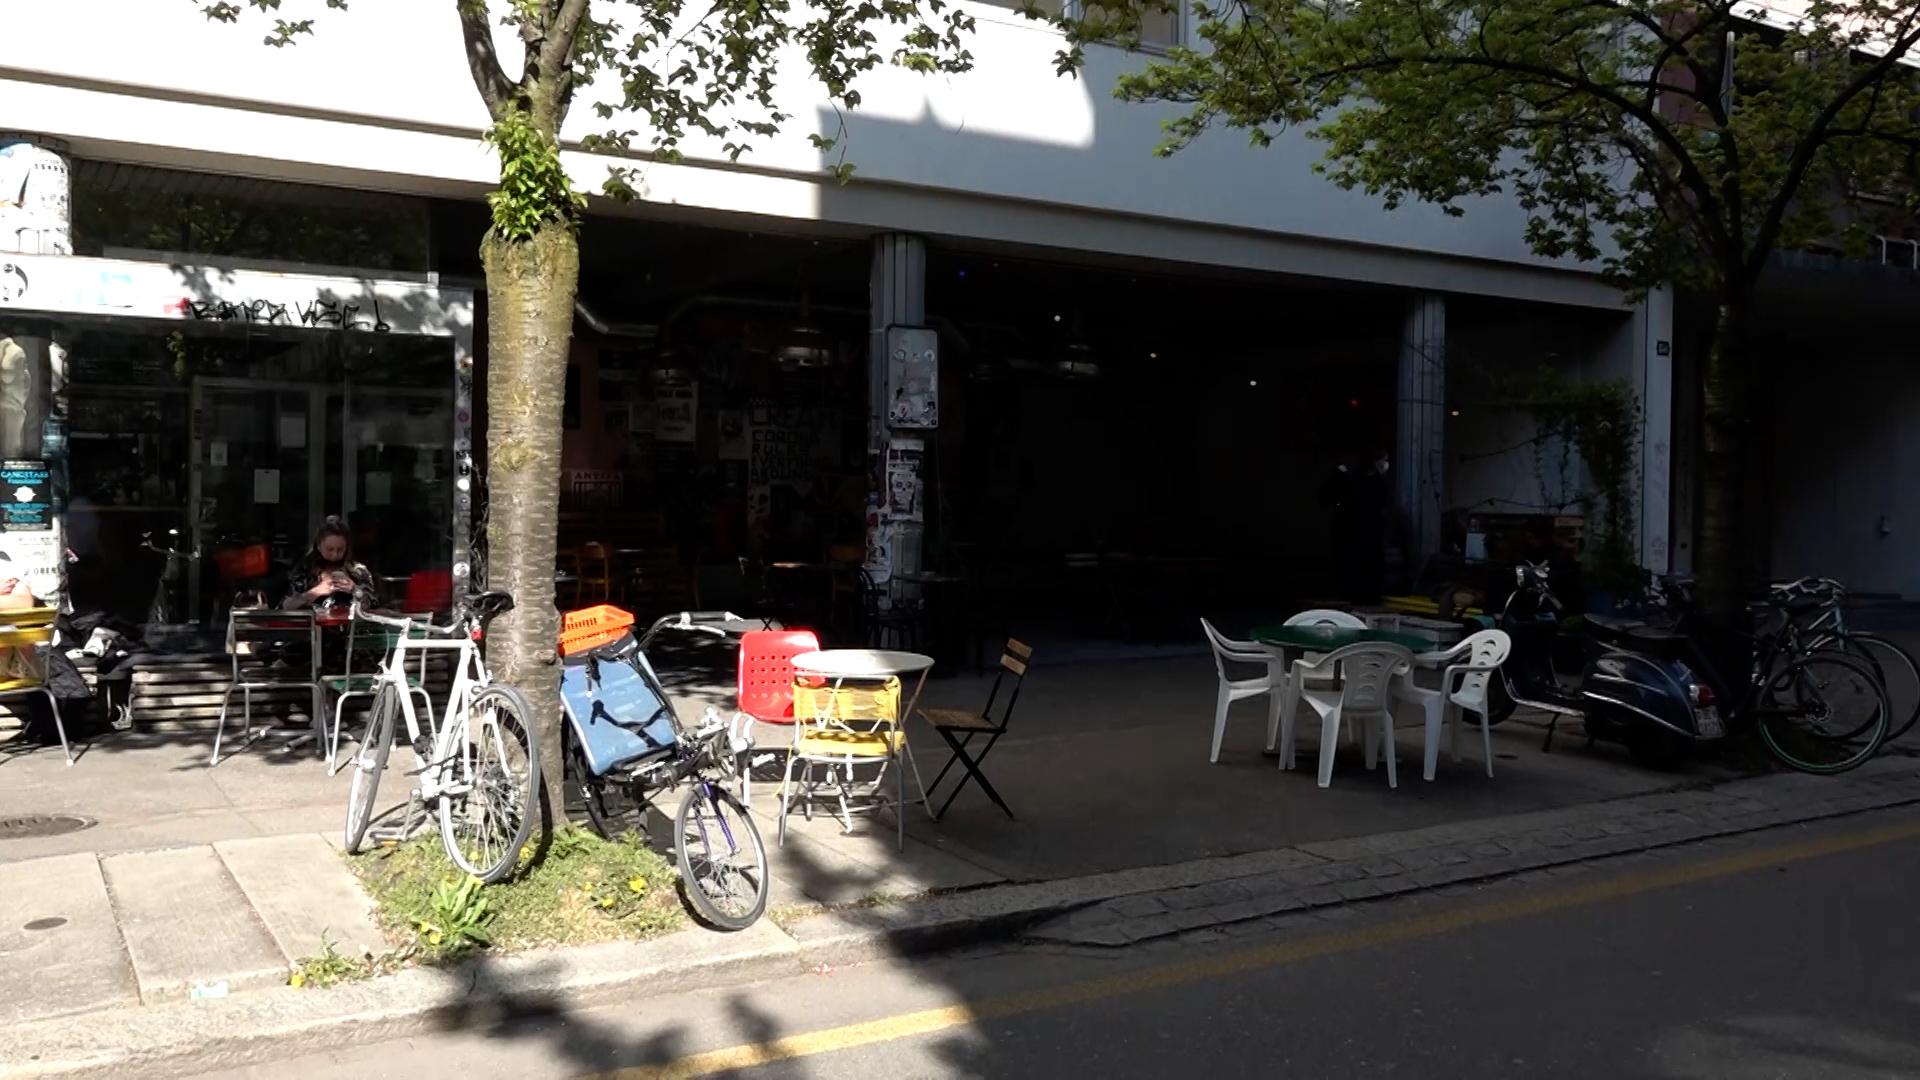 Vorschaubild für Restaurant Öffnung Zürich